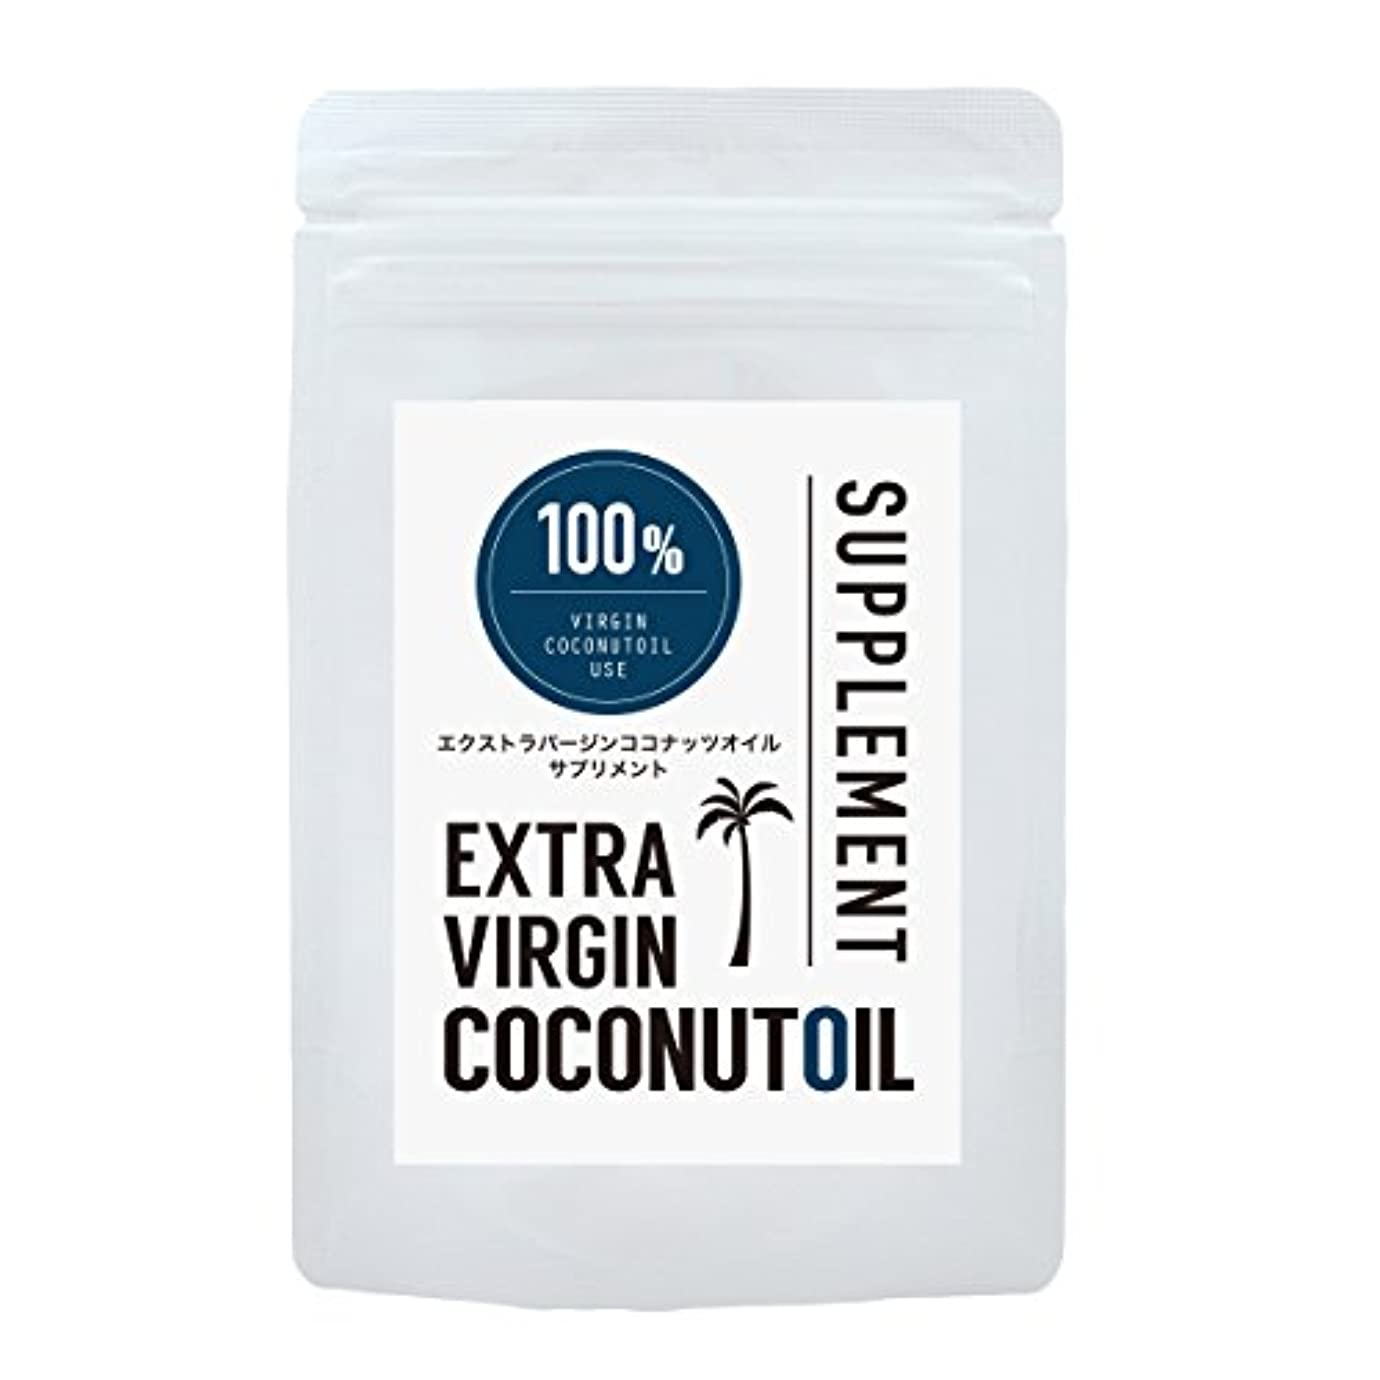 スラム街辞任する掃除エクストラヴァージン ココナッツオイル サプリメント 90粒入り 無臭 カプセルタイプ